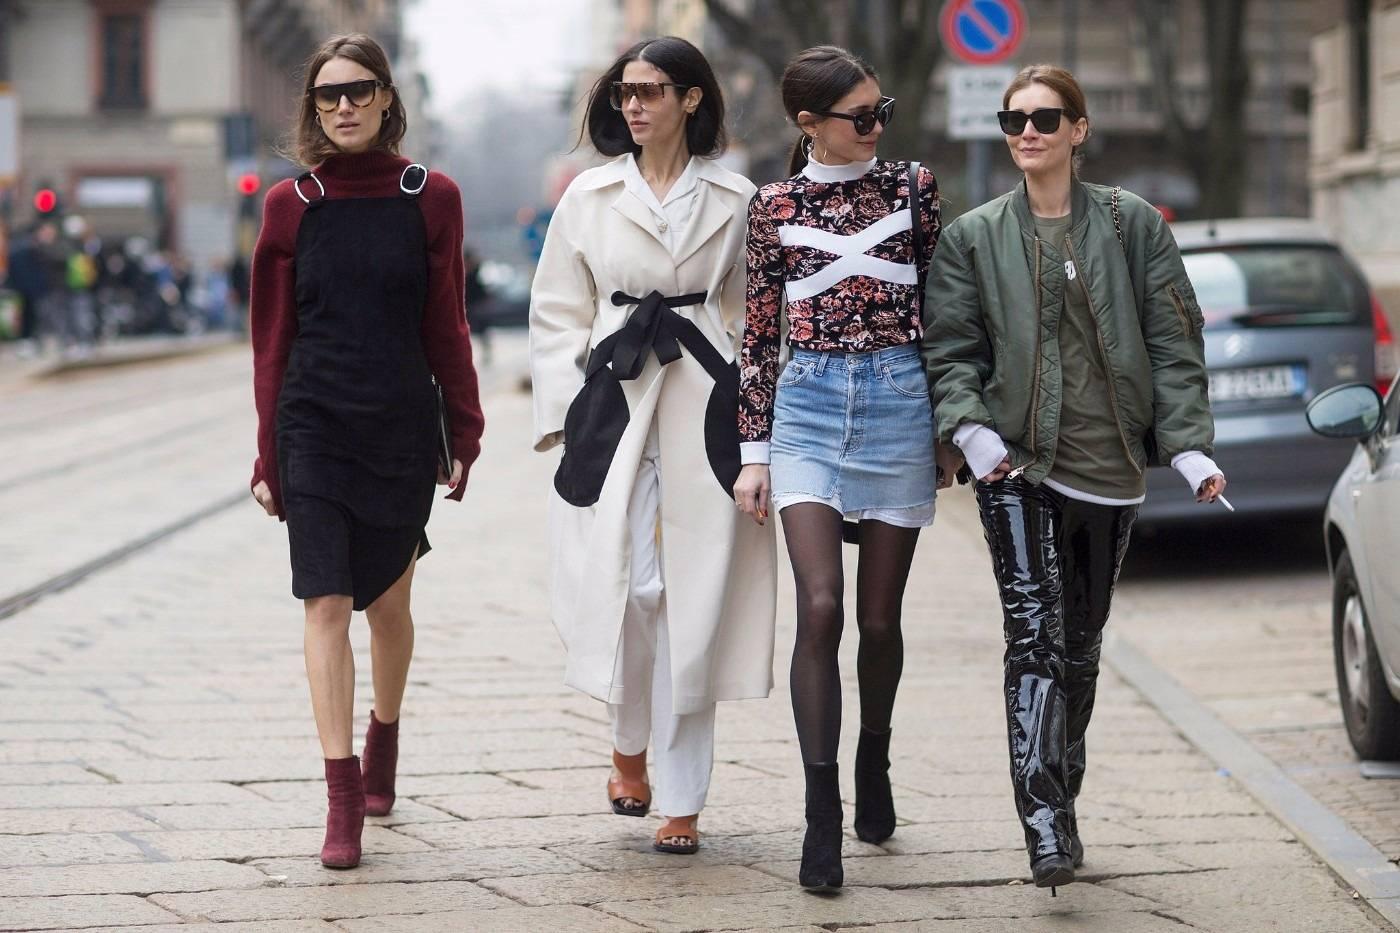 Я ходила по мюнхену и удивлялась тому, как зимой одеваются местные женщины